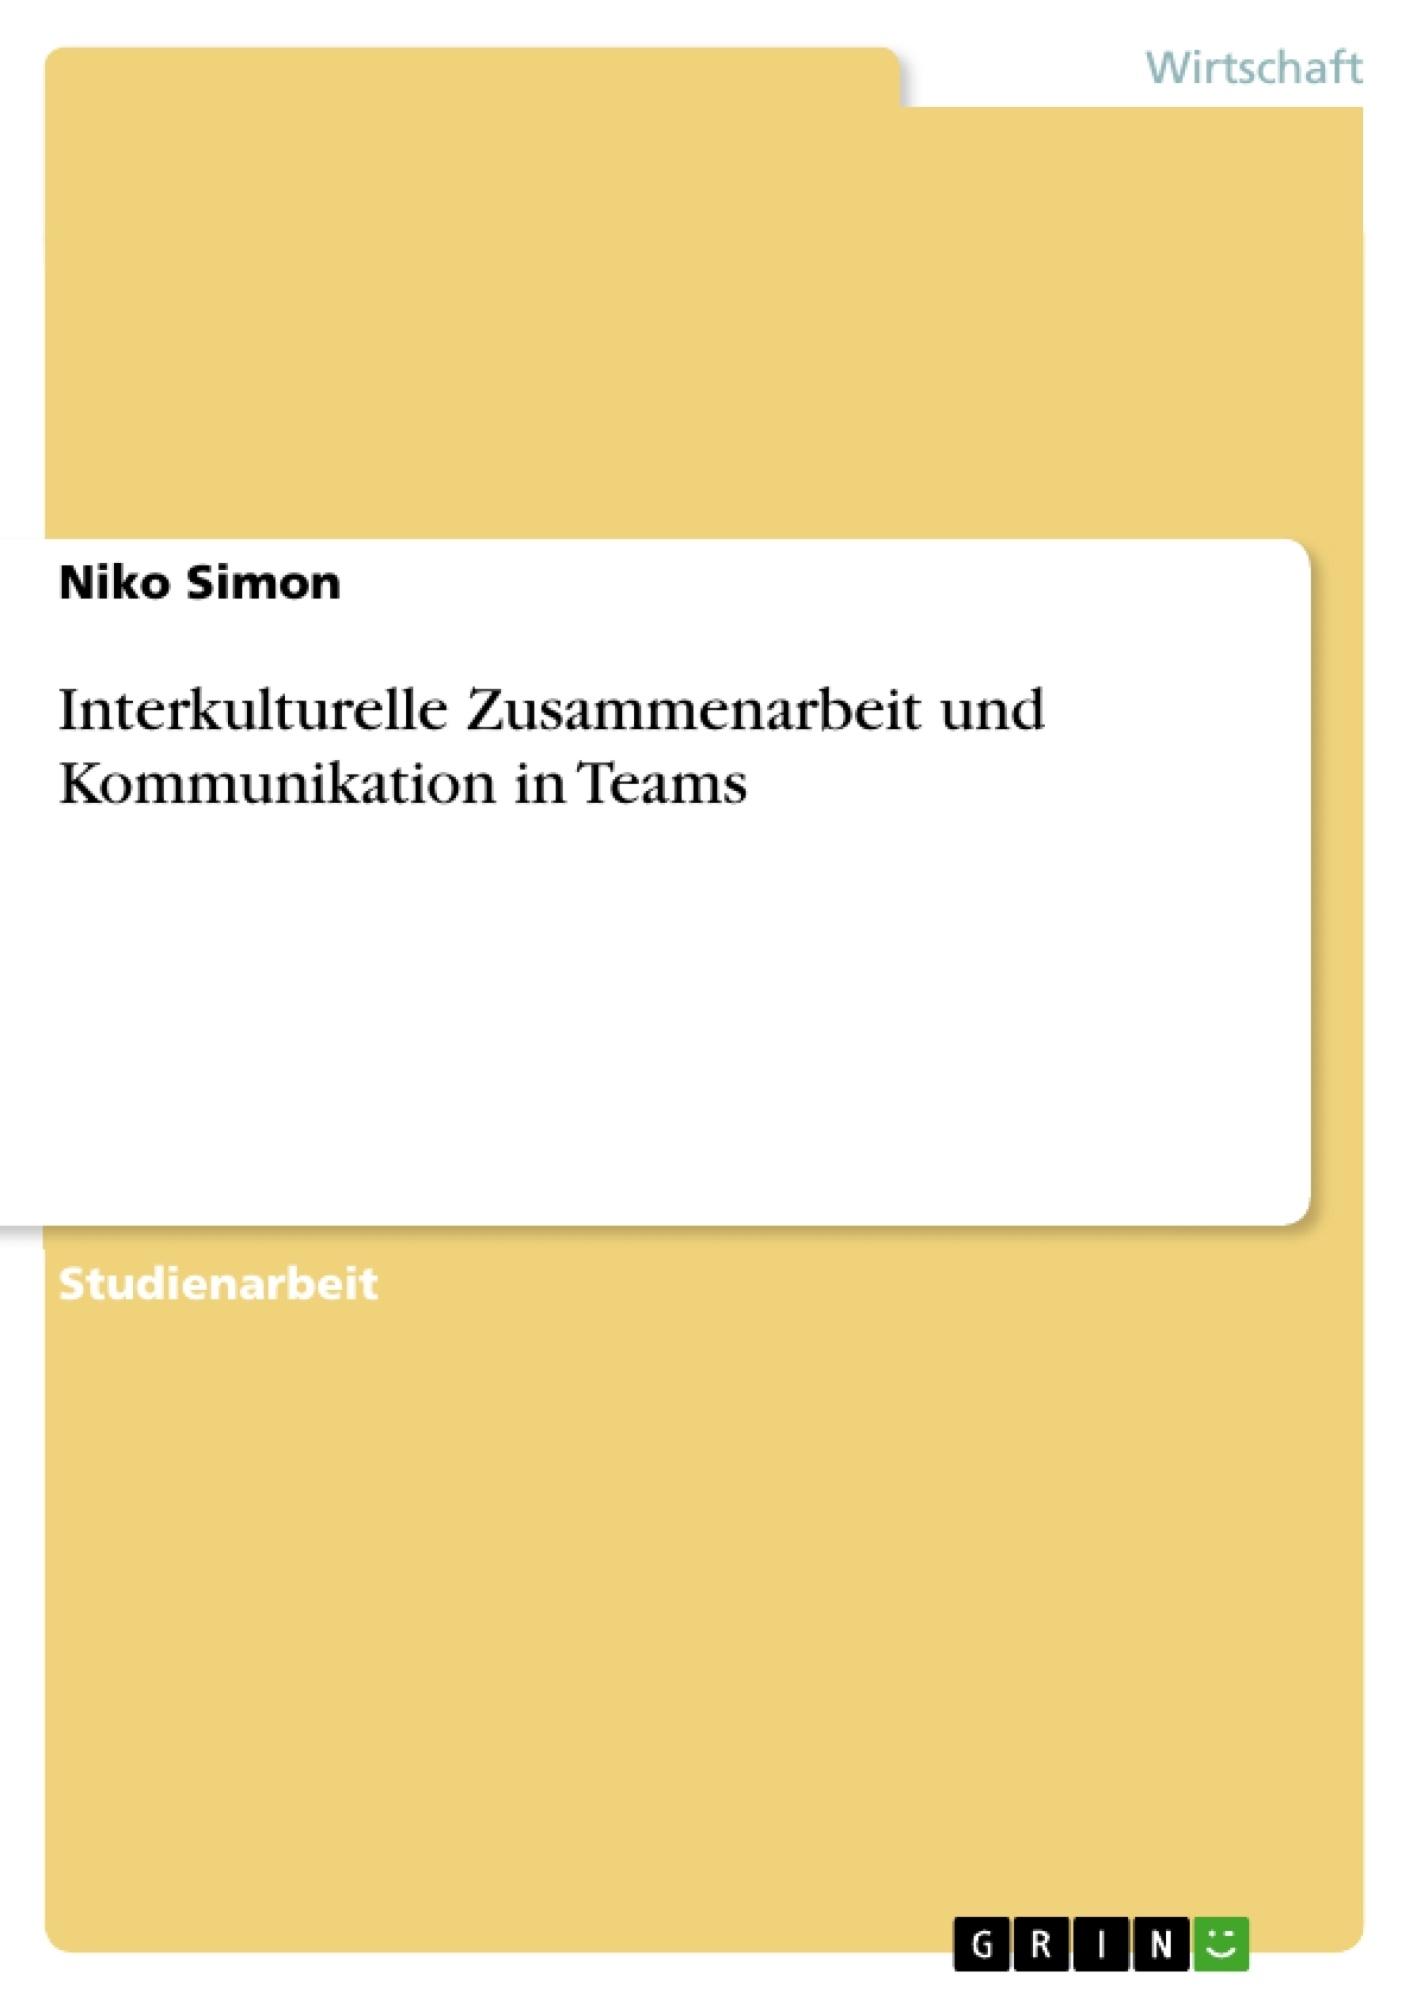 Titel: Interkulturelle Zusammenarbeit und Kommunikation in Teams